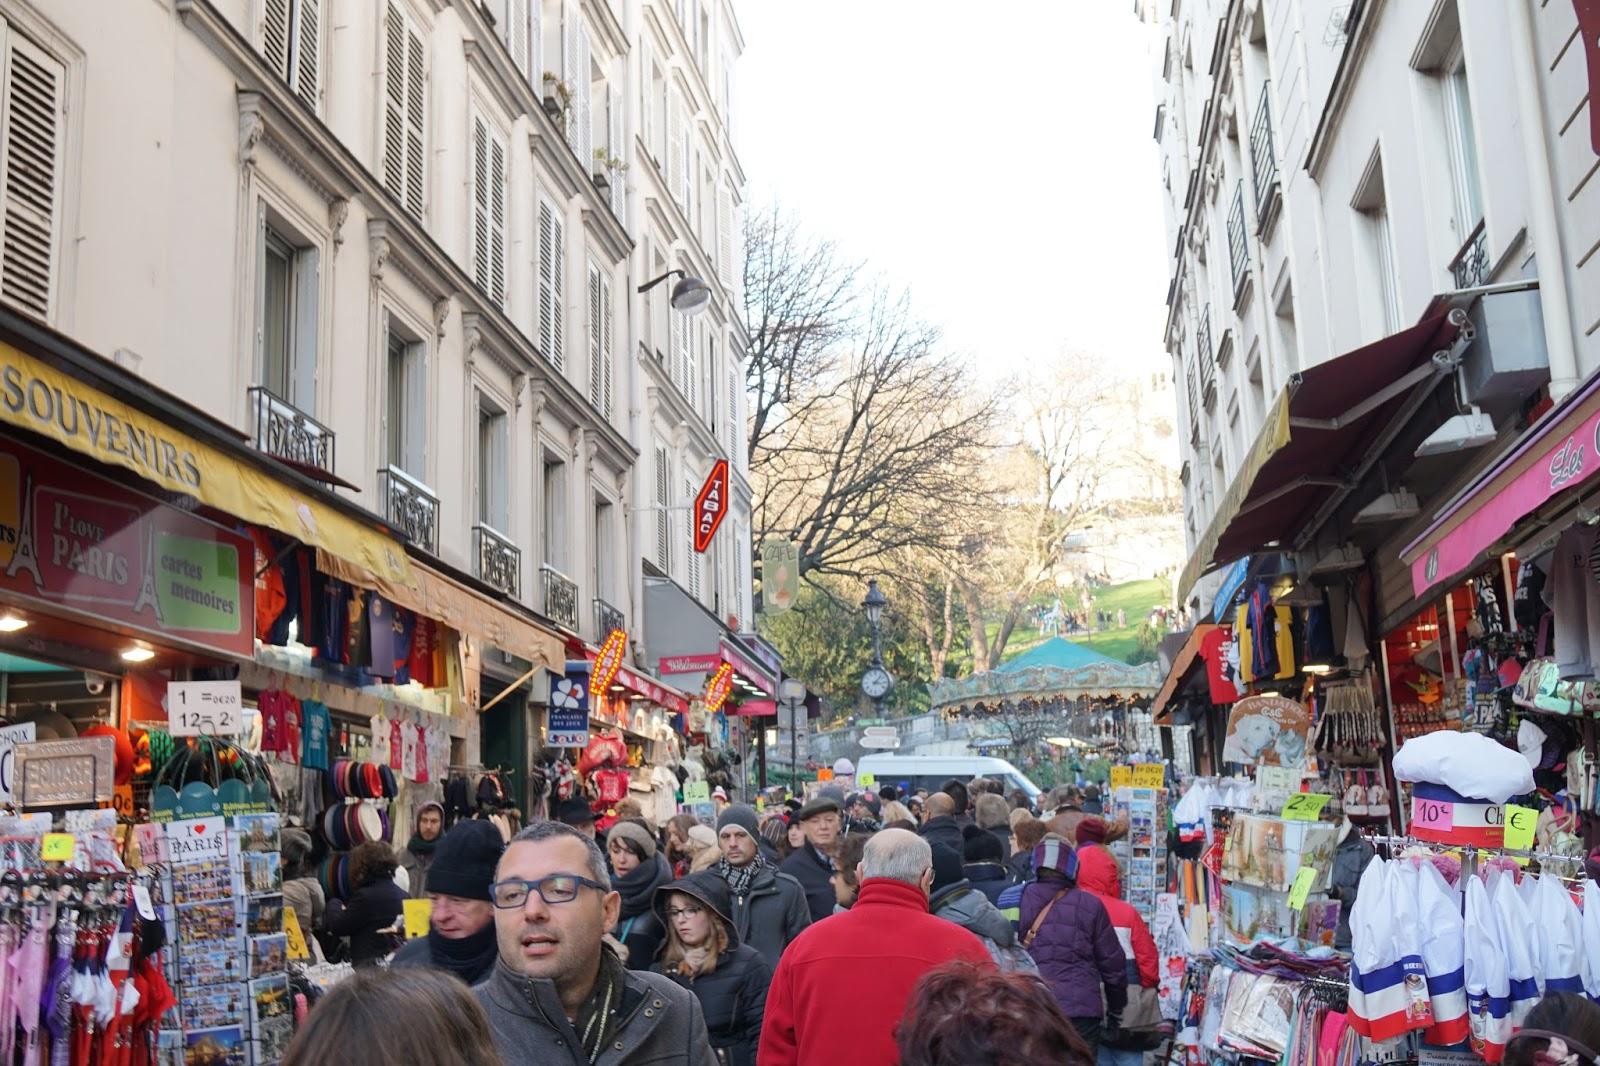 ステンケルク通り(Rue de Steinkerque)